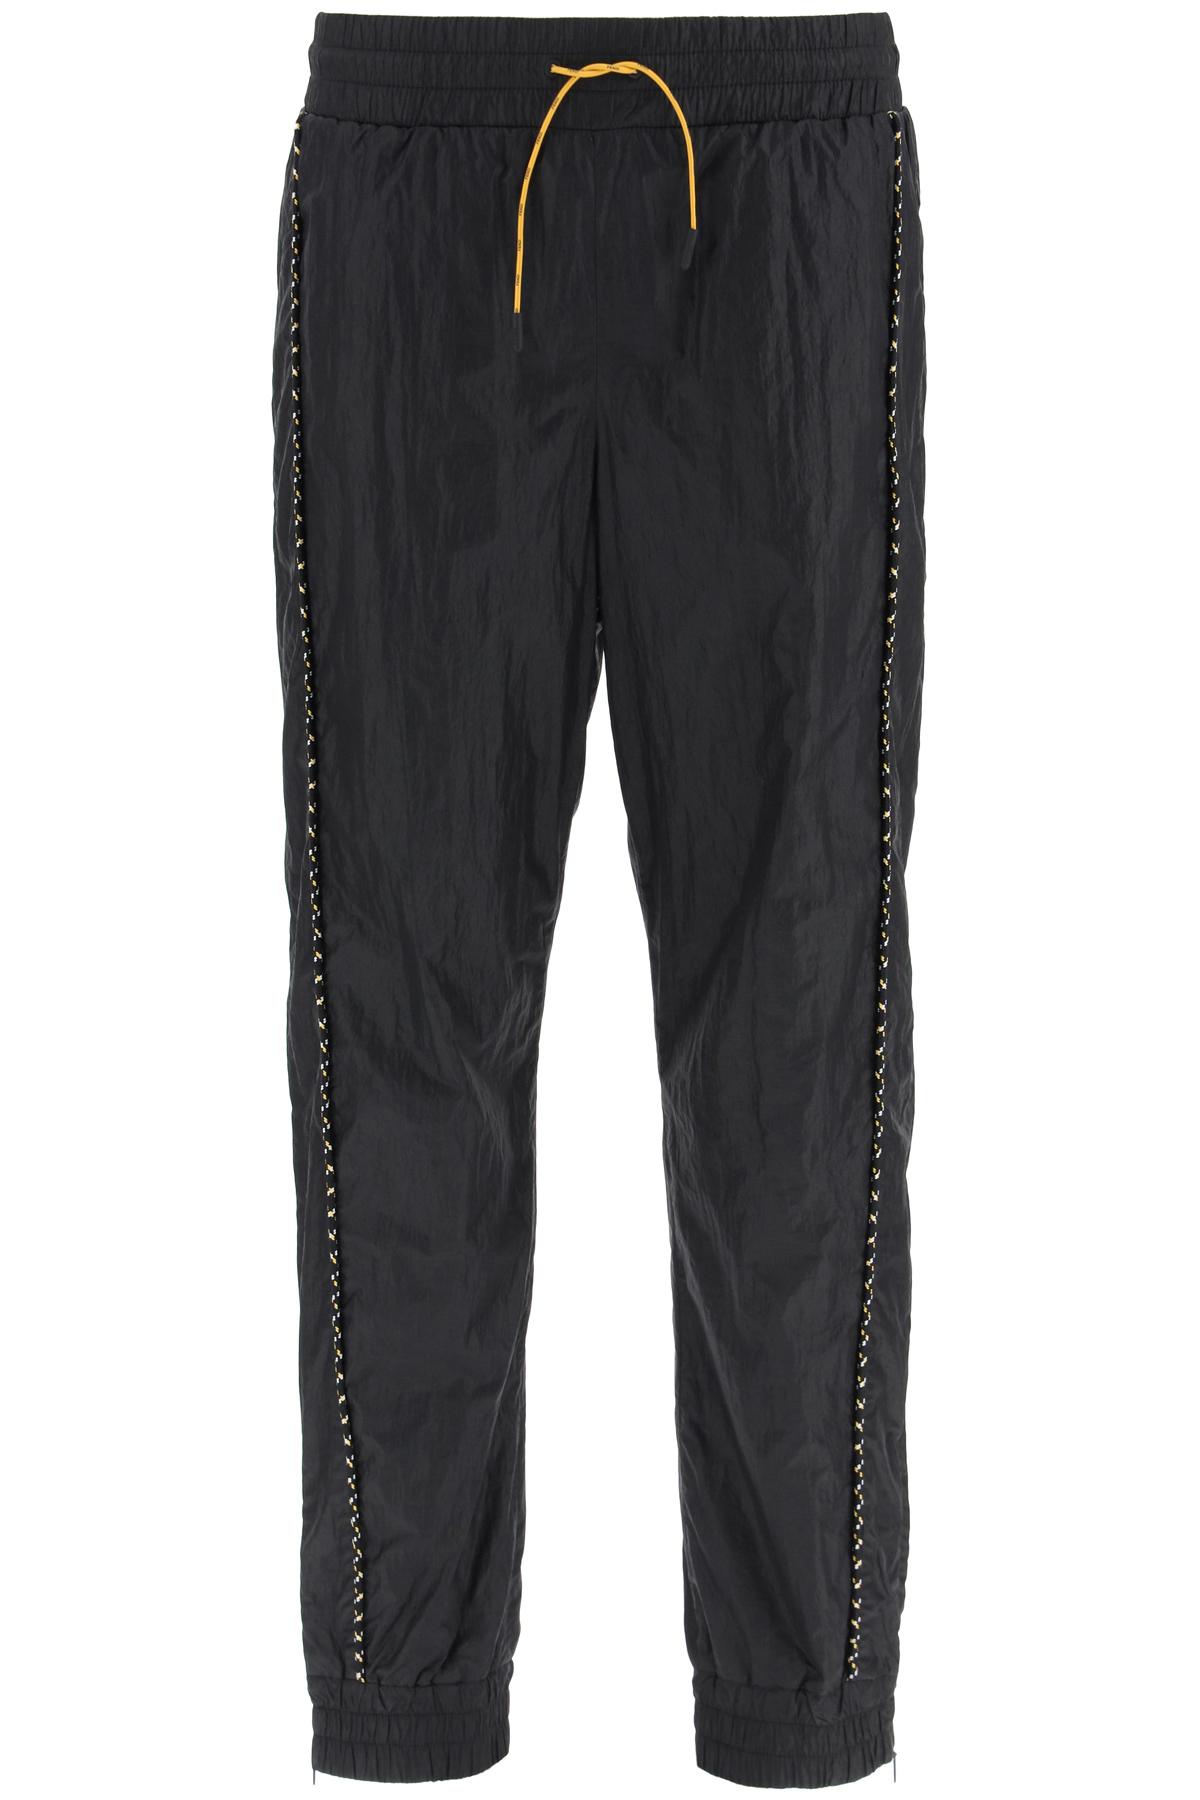 Fendi pantaloni jogging in nylon